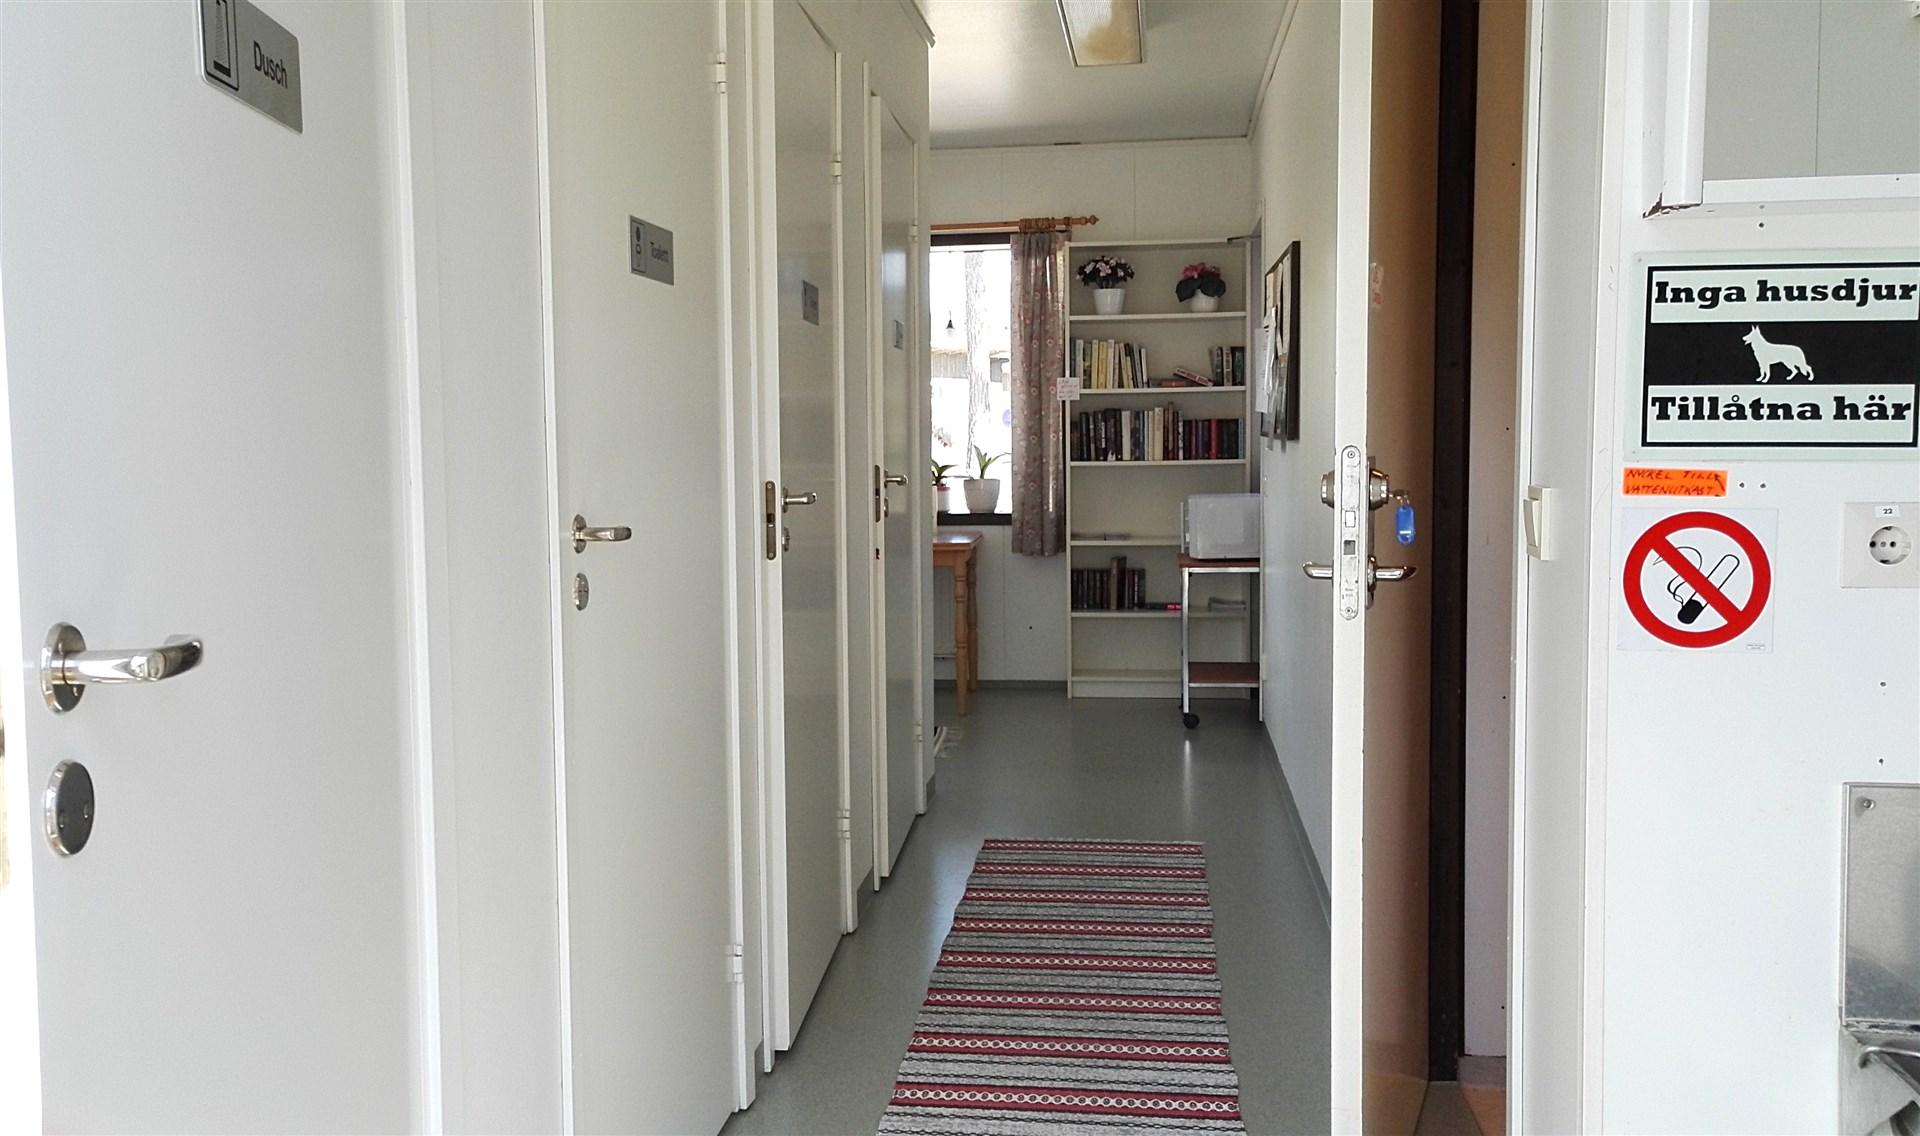 Servicedel för campinggäster. Två toaletter, två duschar samt ett kök hålls gästerna tillhanda.